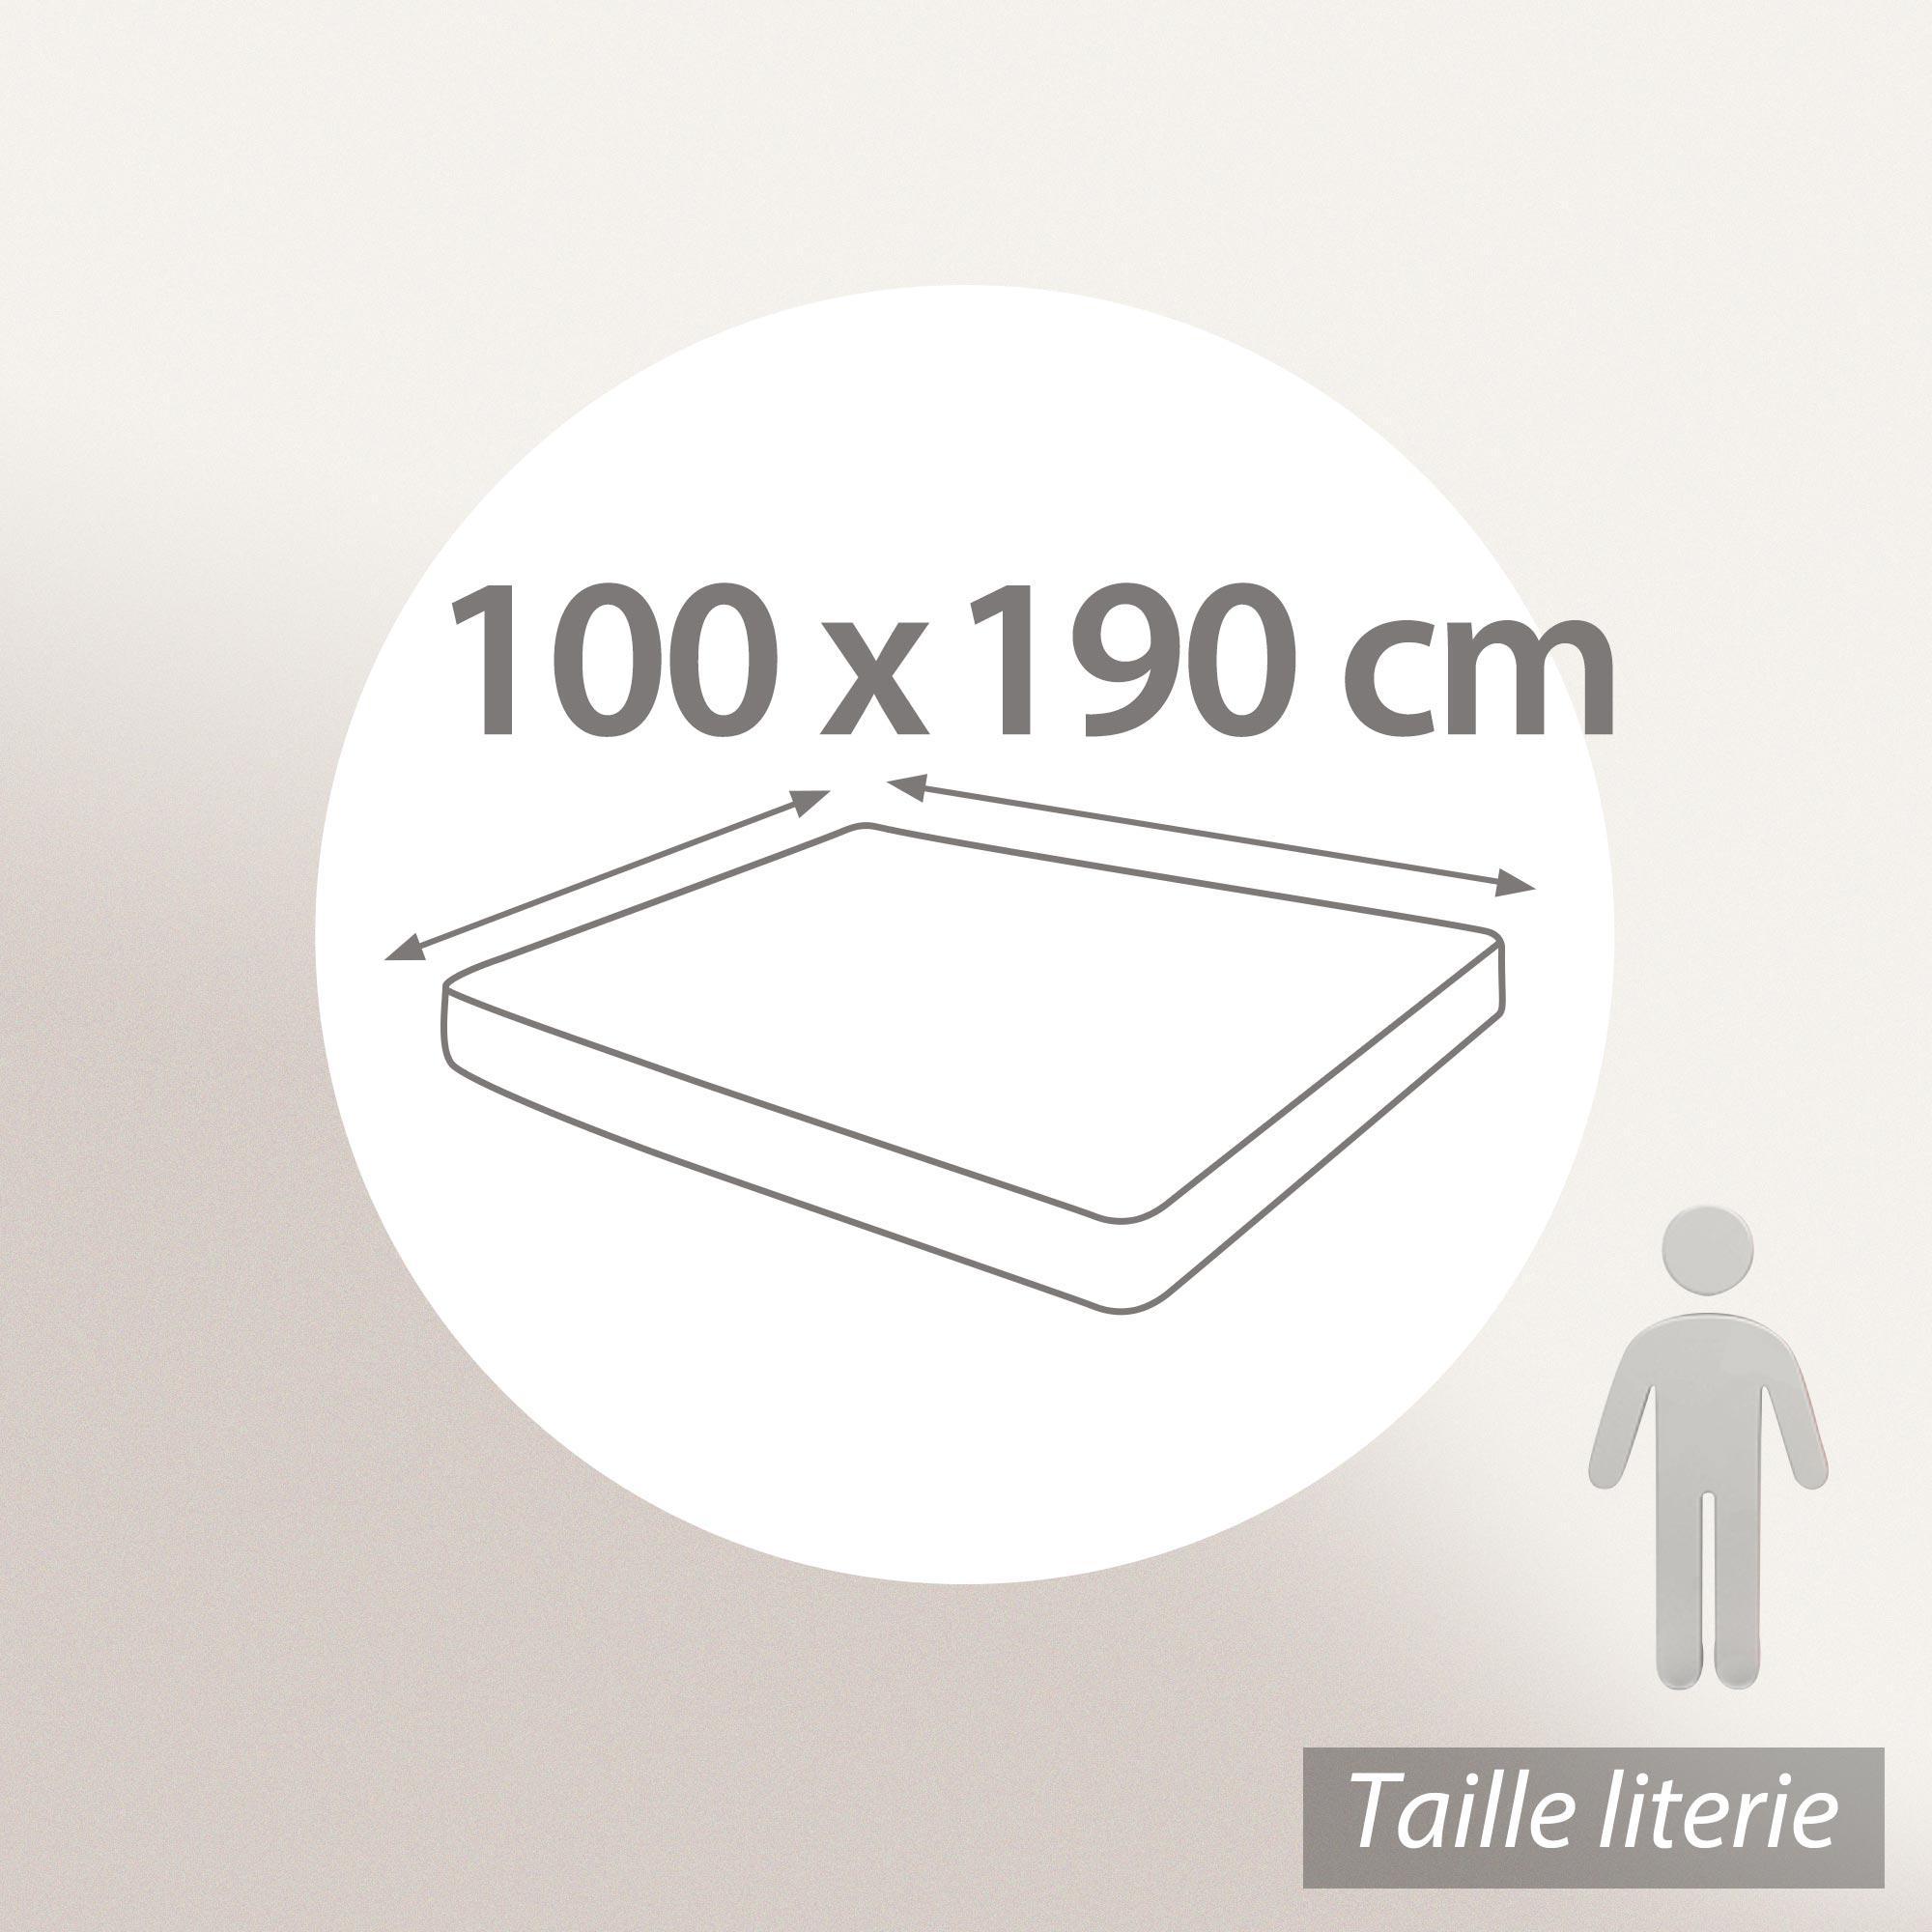 prot ge matelas 100x190 cm achua molleton 100 coton 400 g m2 bonnet 30cm linnea linge de. Black Bedroom Furniture Sets. Home Design Ideas